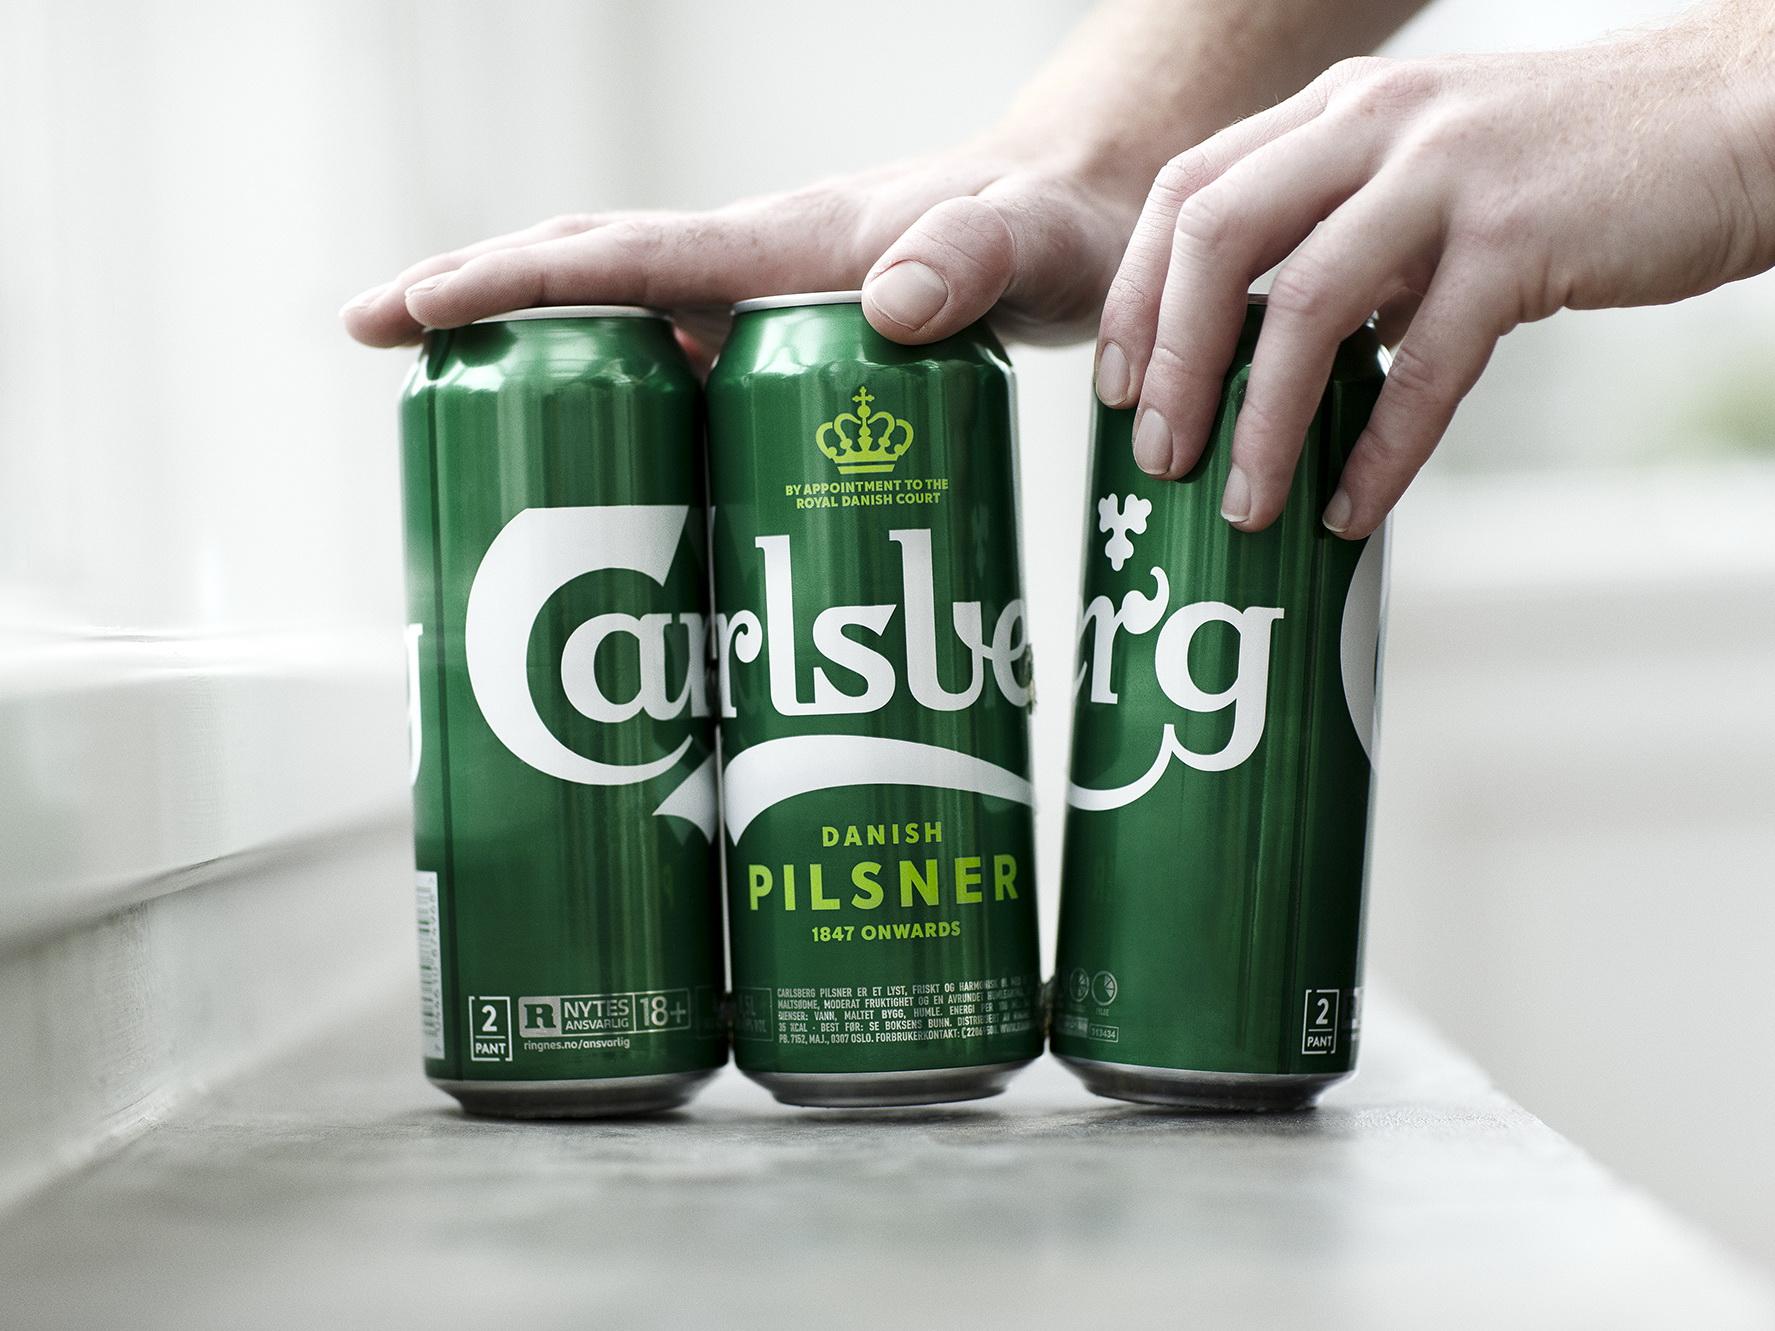 Carlsberg внедряет передовые инновации, чтобы сократить отходы пластика – ФОТО